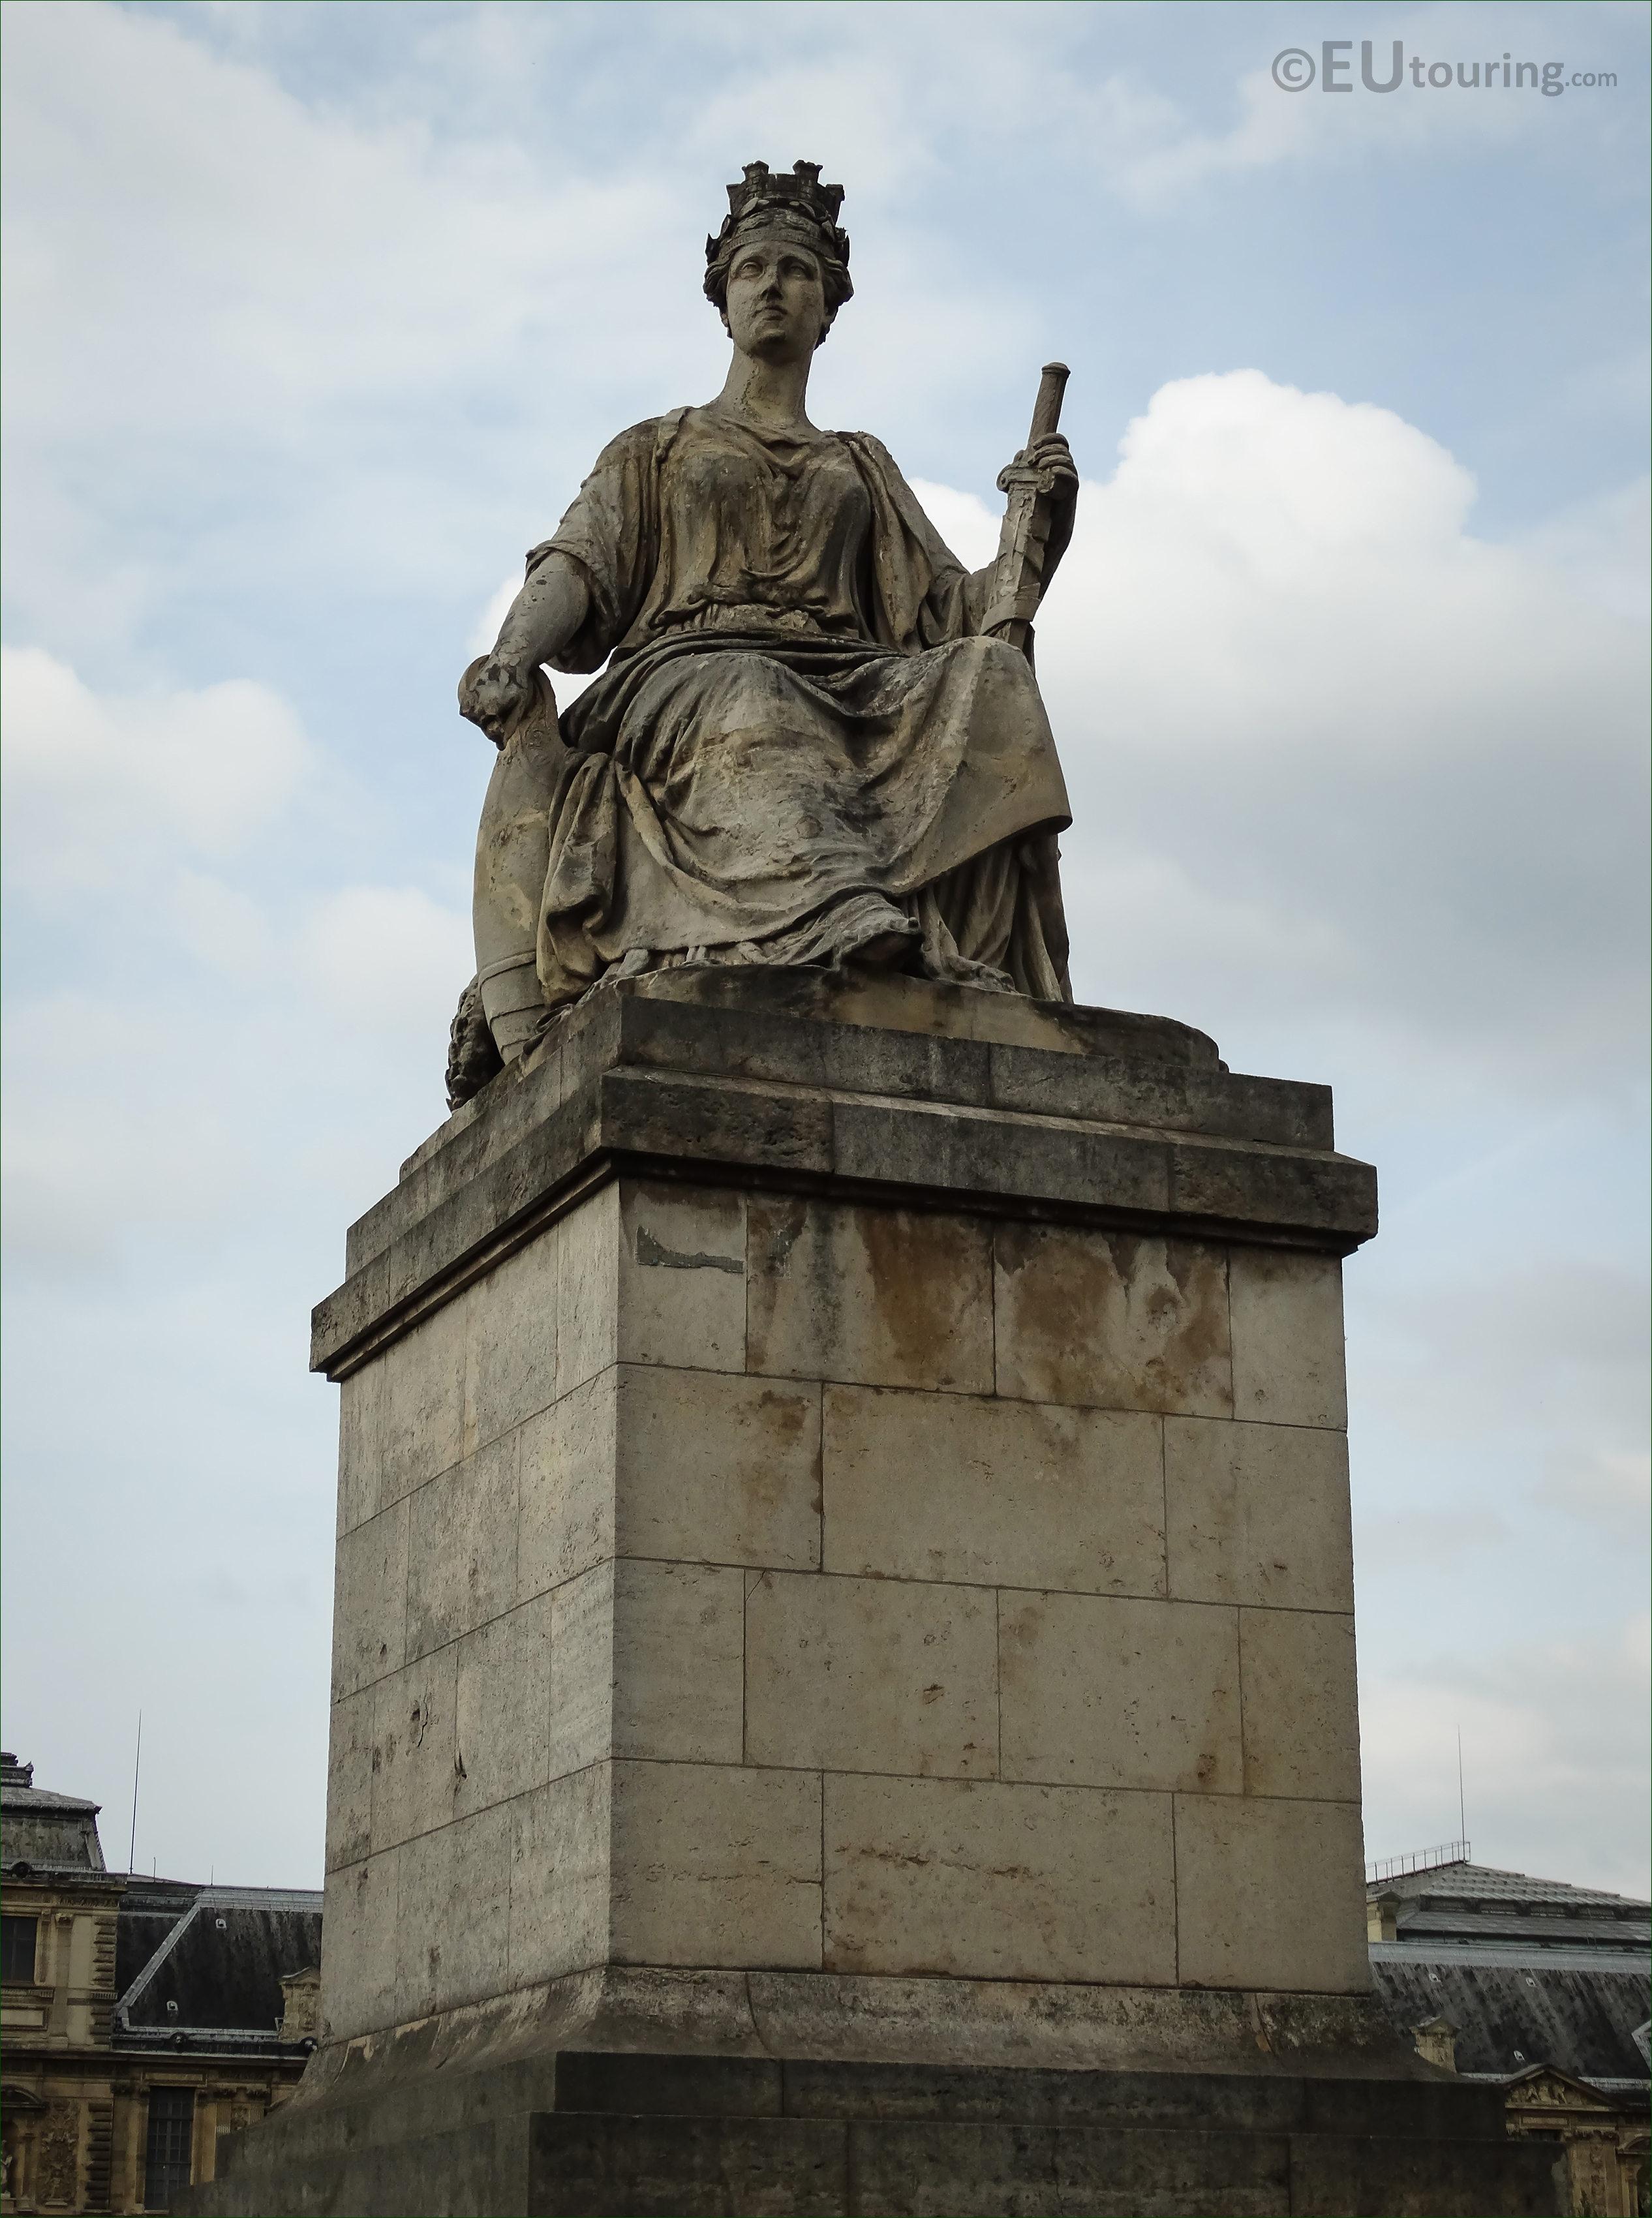 Photos of La Ville de Paris statue on the Pont du Carrousel - Page 291